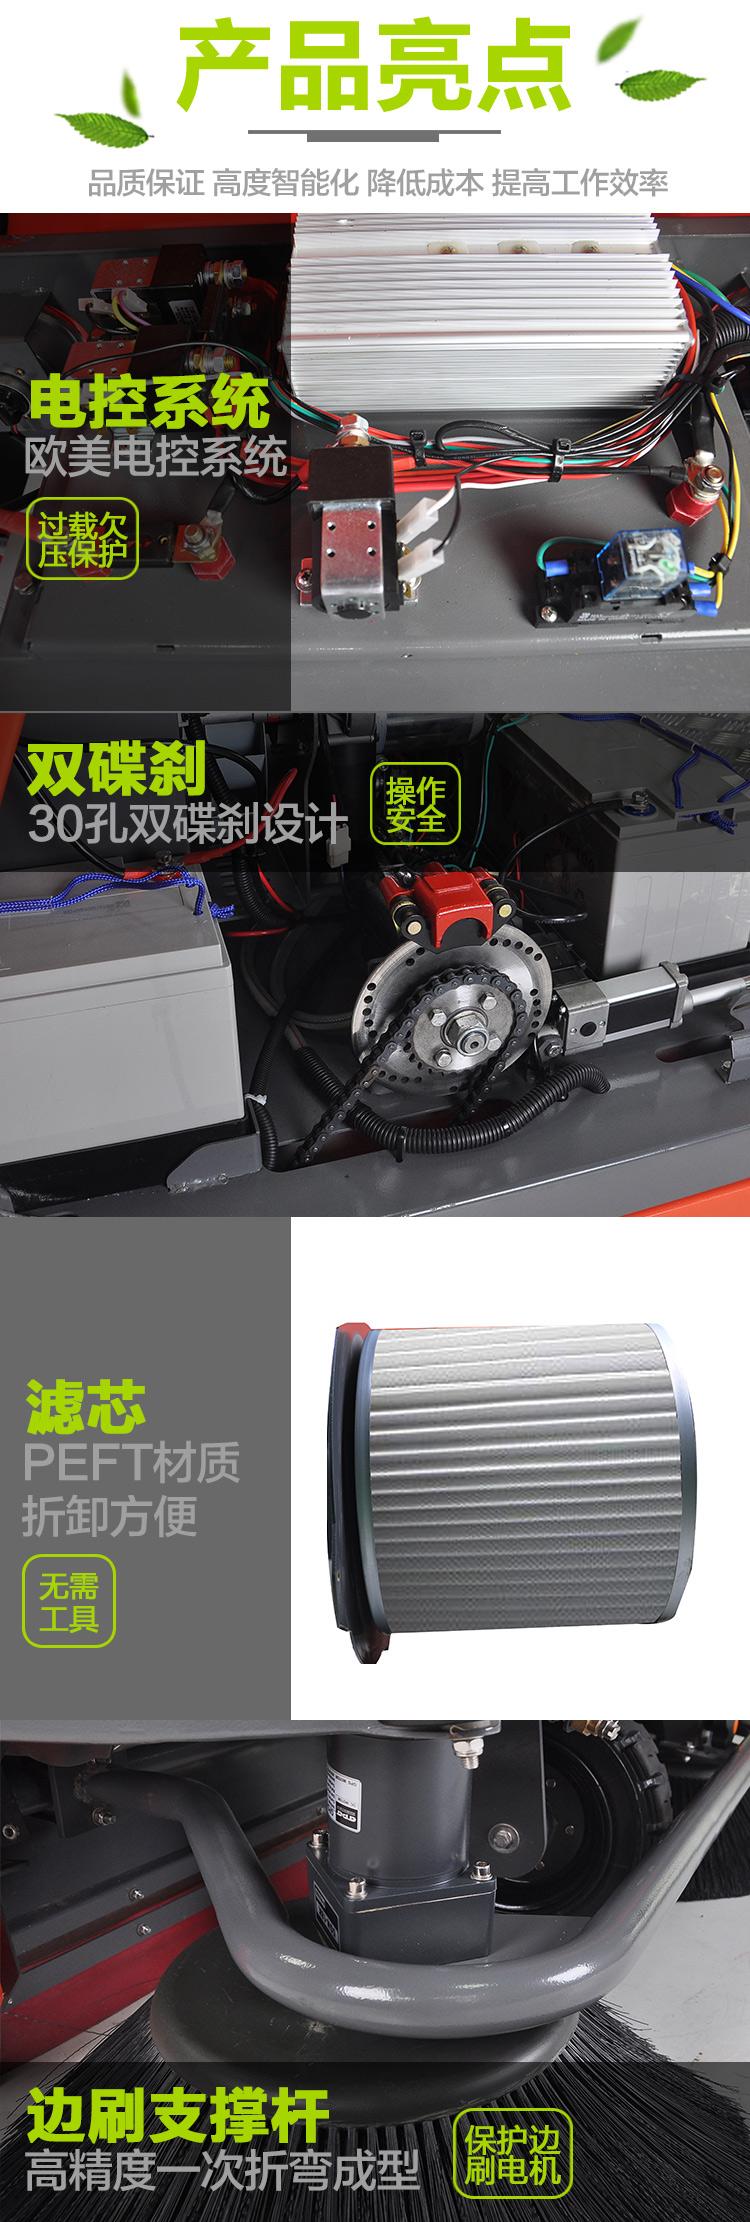 电动驾驶式扫地机